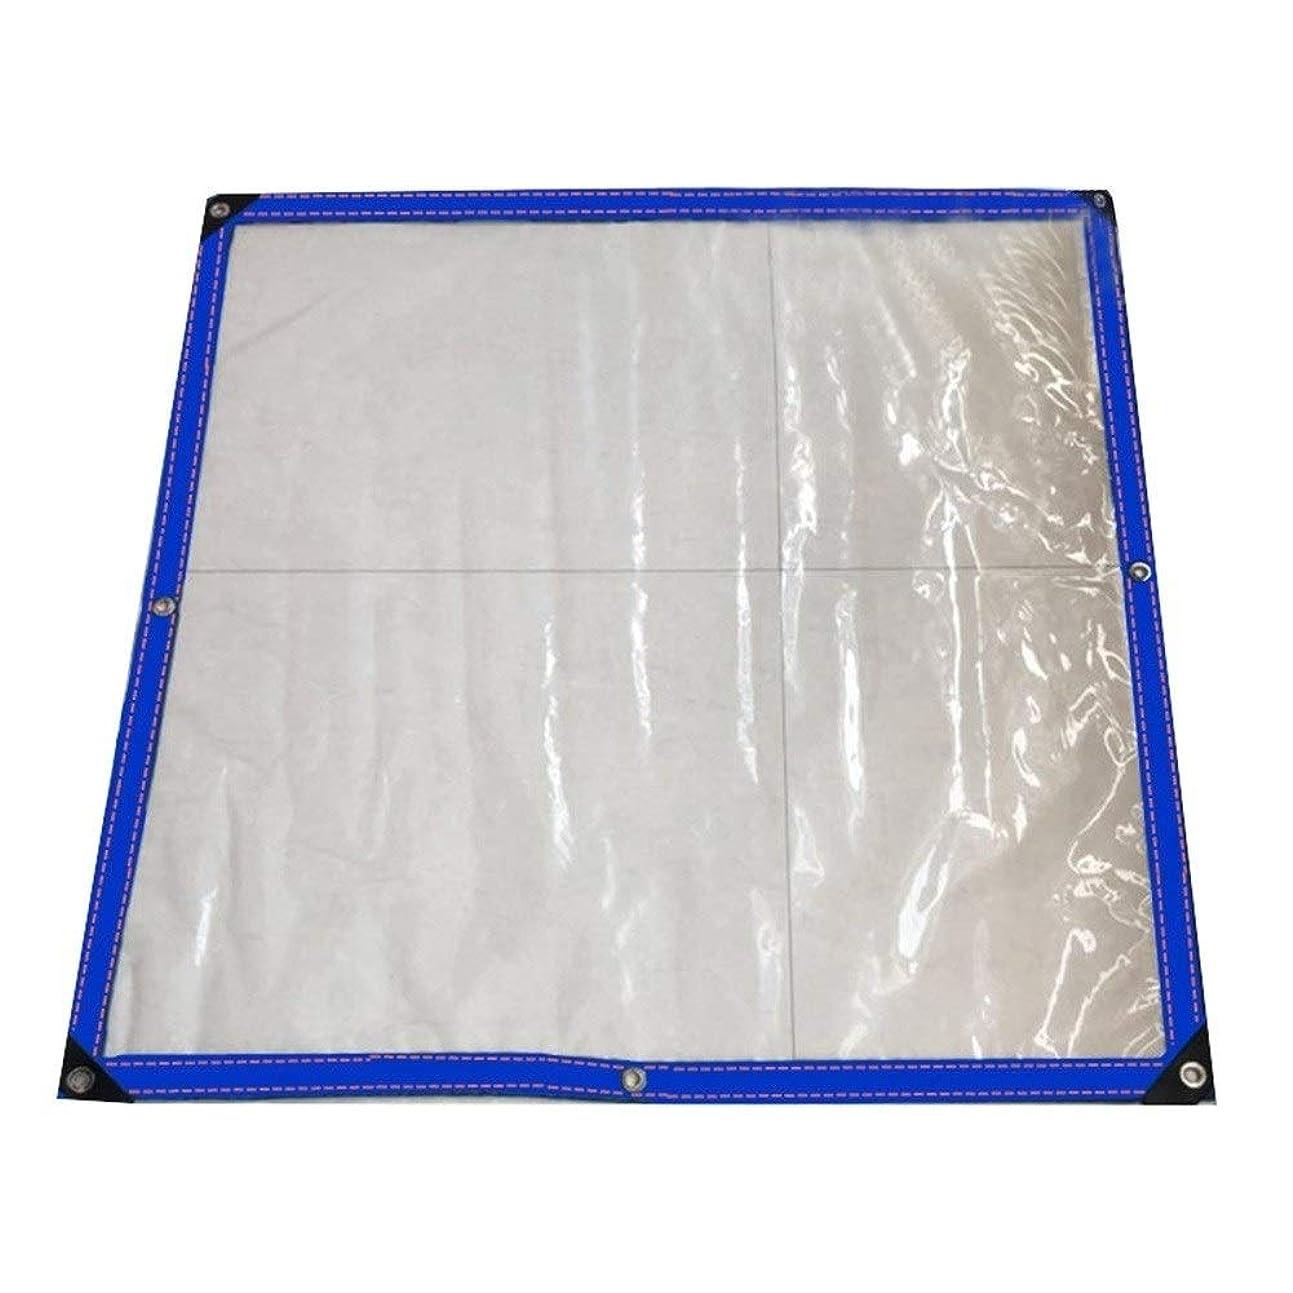 無数の徒歩でベッドを作るFQJYNLY 防水シートラップ角庭園日よけグロメット屋外の防塵工場、22サイズ (Color : Clear, Size : 3X6m)